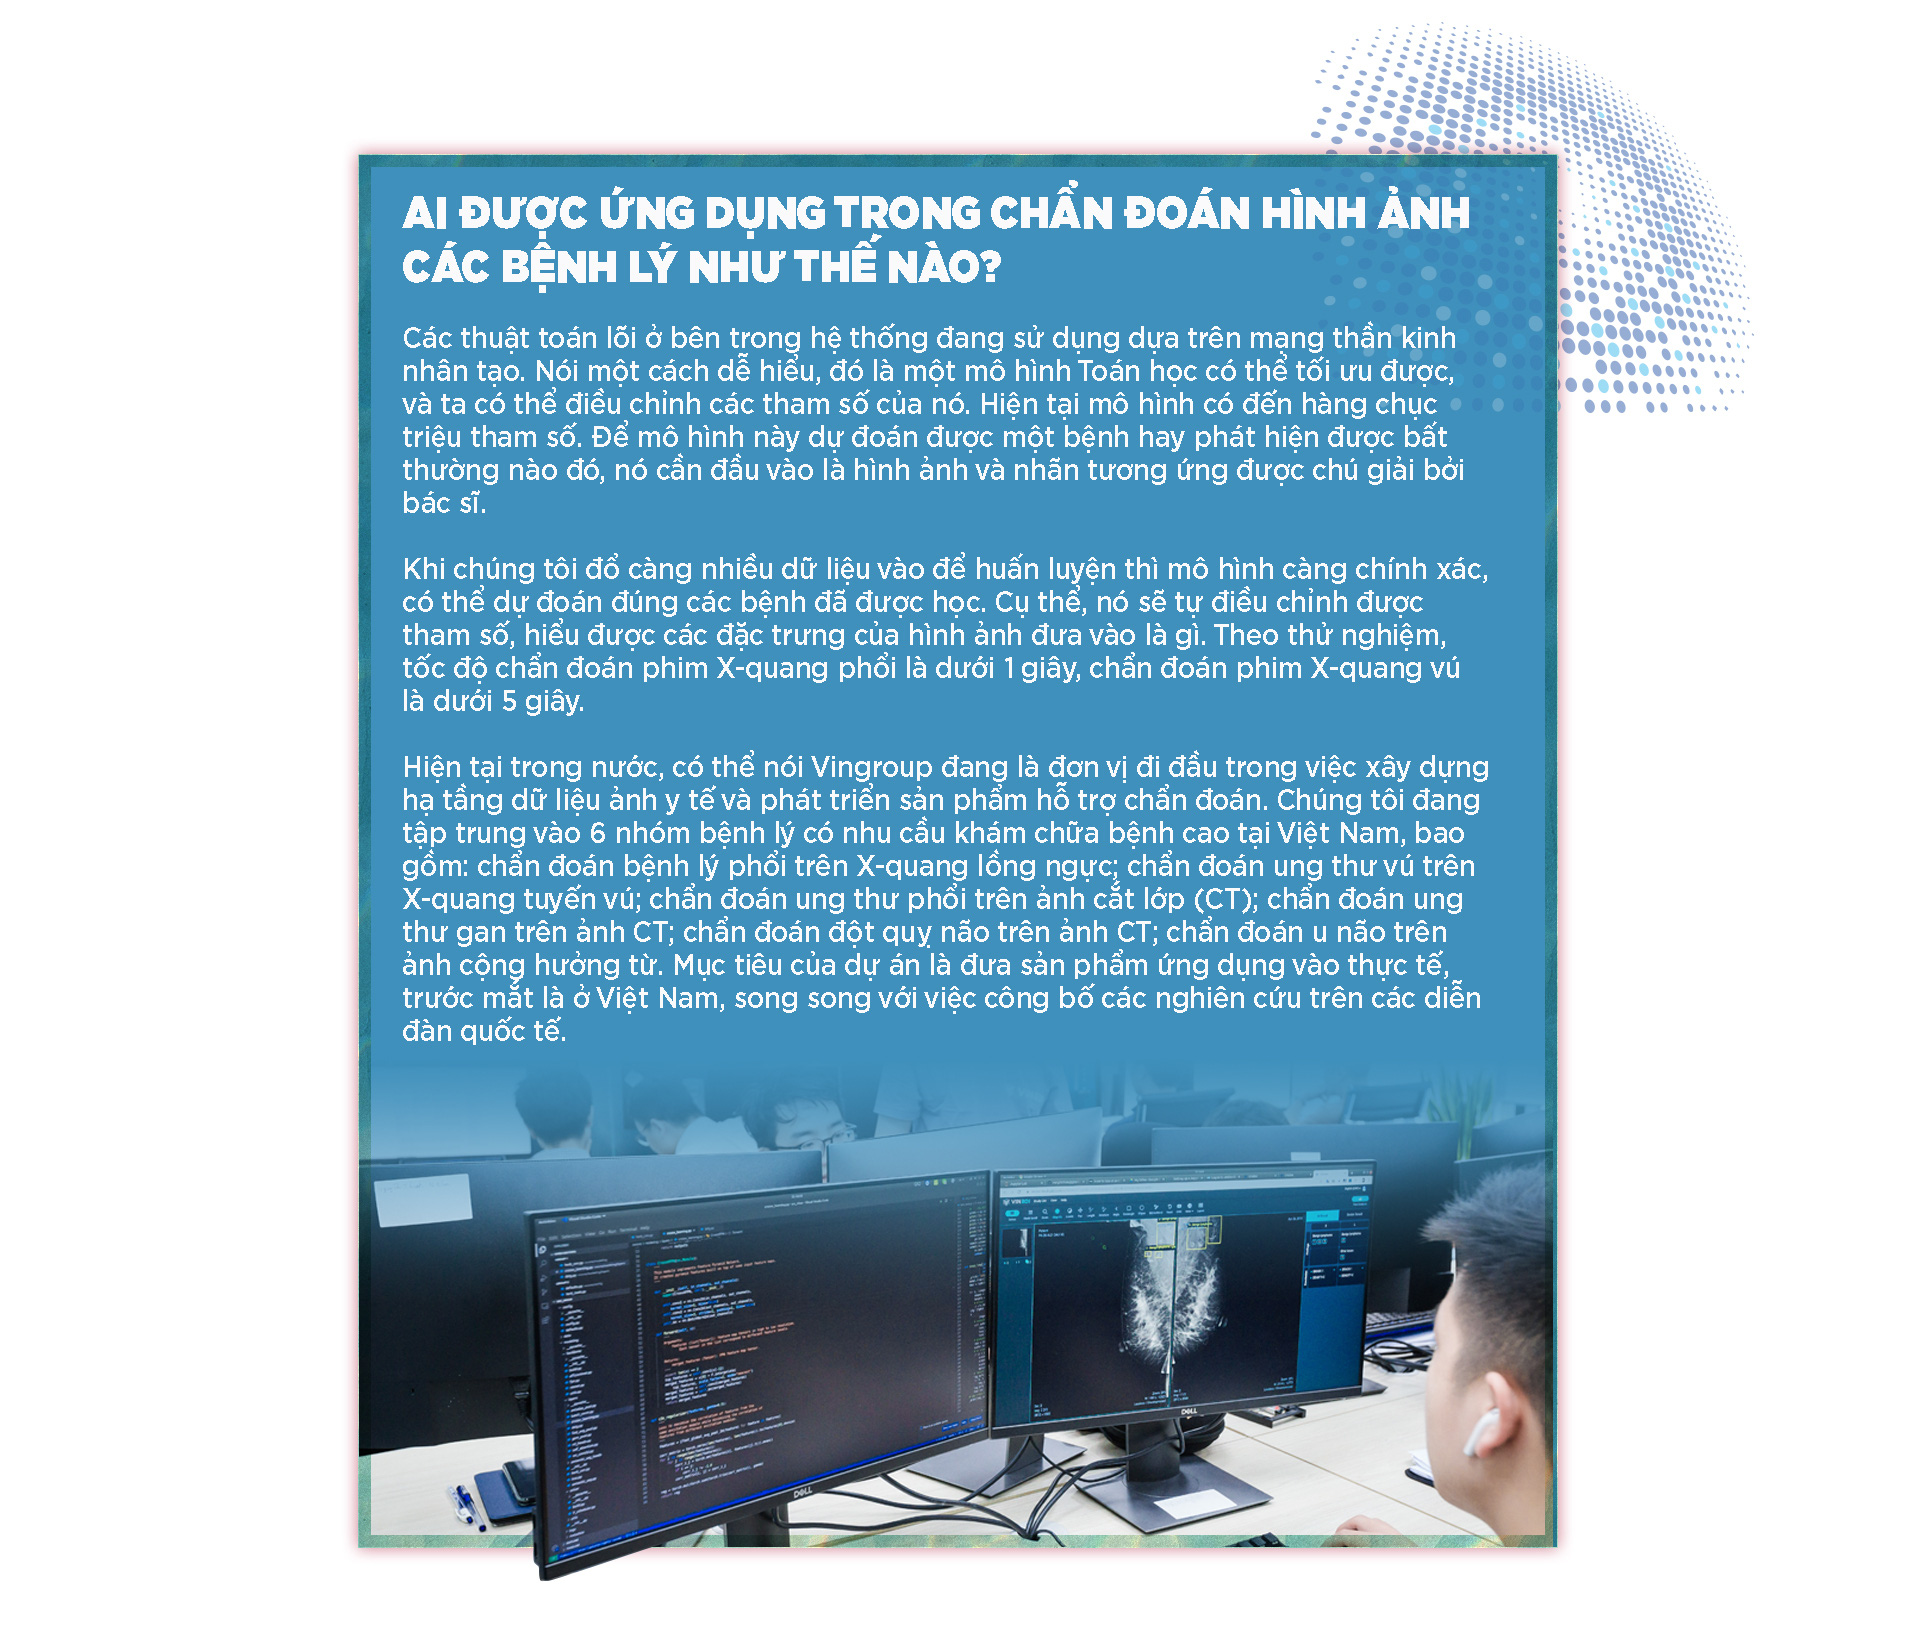 Bước tiến mới đưa trí tuệ nhân tạo vào chẩn đoán hình ảnh y tế tại Việt Nam - Ảnh 7.